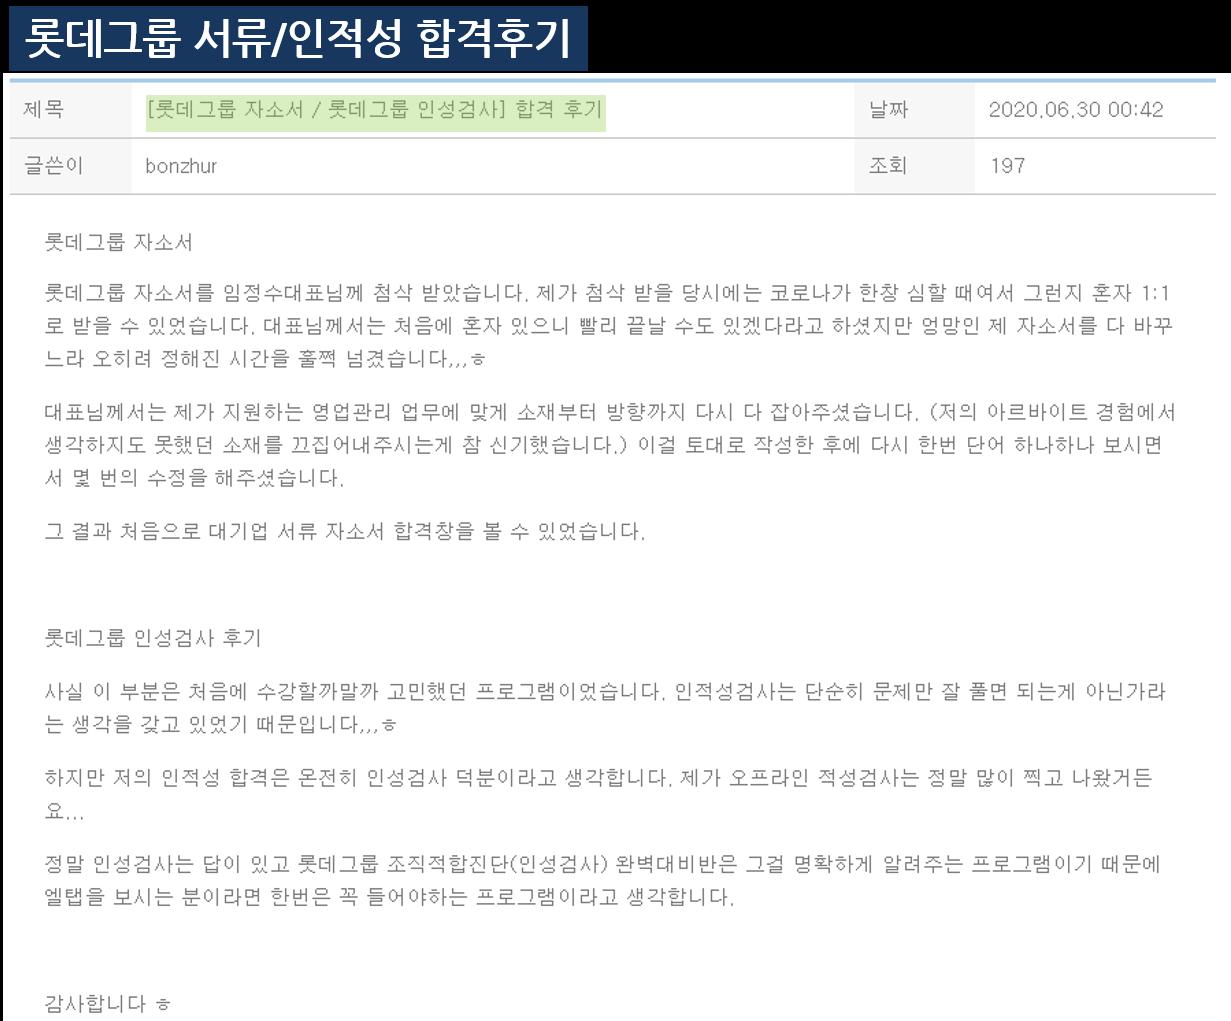 롯데자소서첨삭반_커리어비전01.png